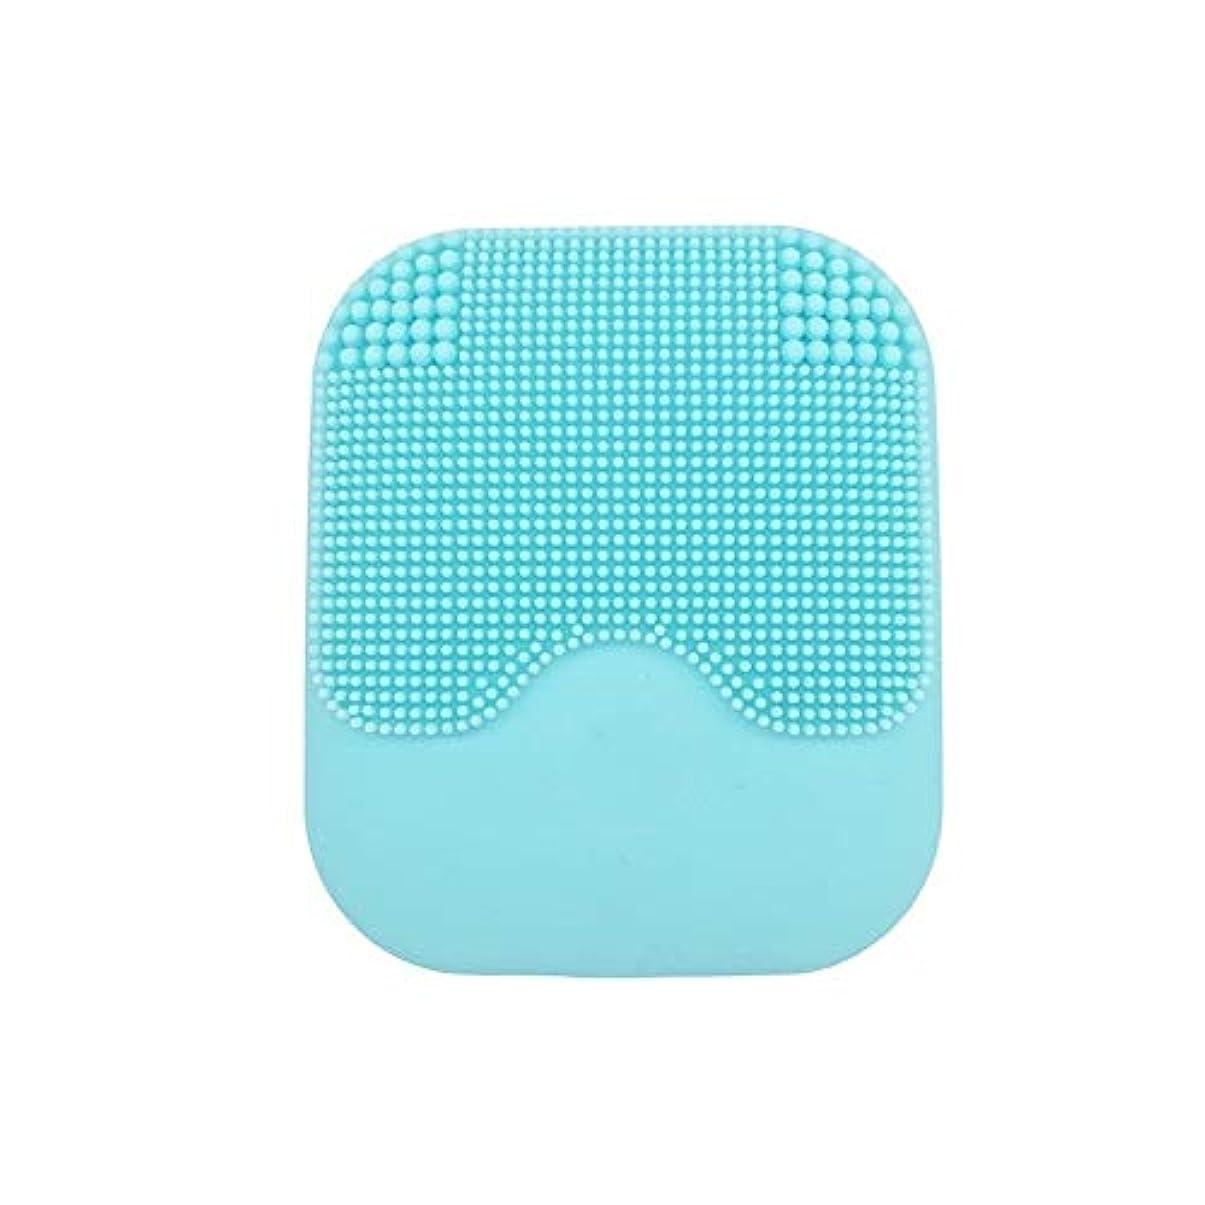 直径スーパー億シリコン洗顔ブラシ、スリースピード調節可能な防水充電式ひげエレクトリック顔ブラシ顔面にきびスクラバーアンチエイジングスキンケア (Color : 青)